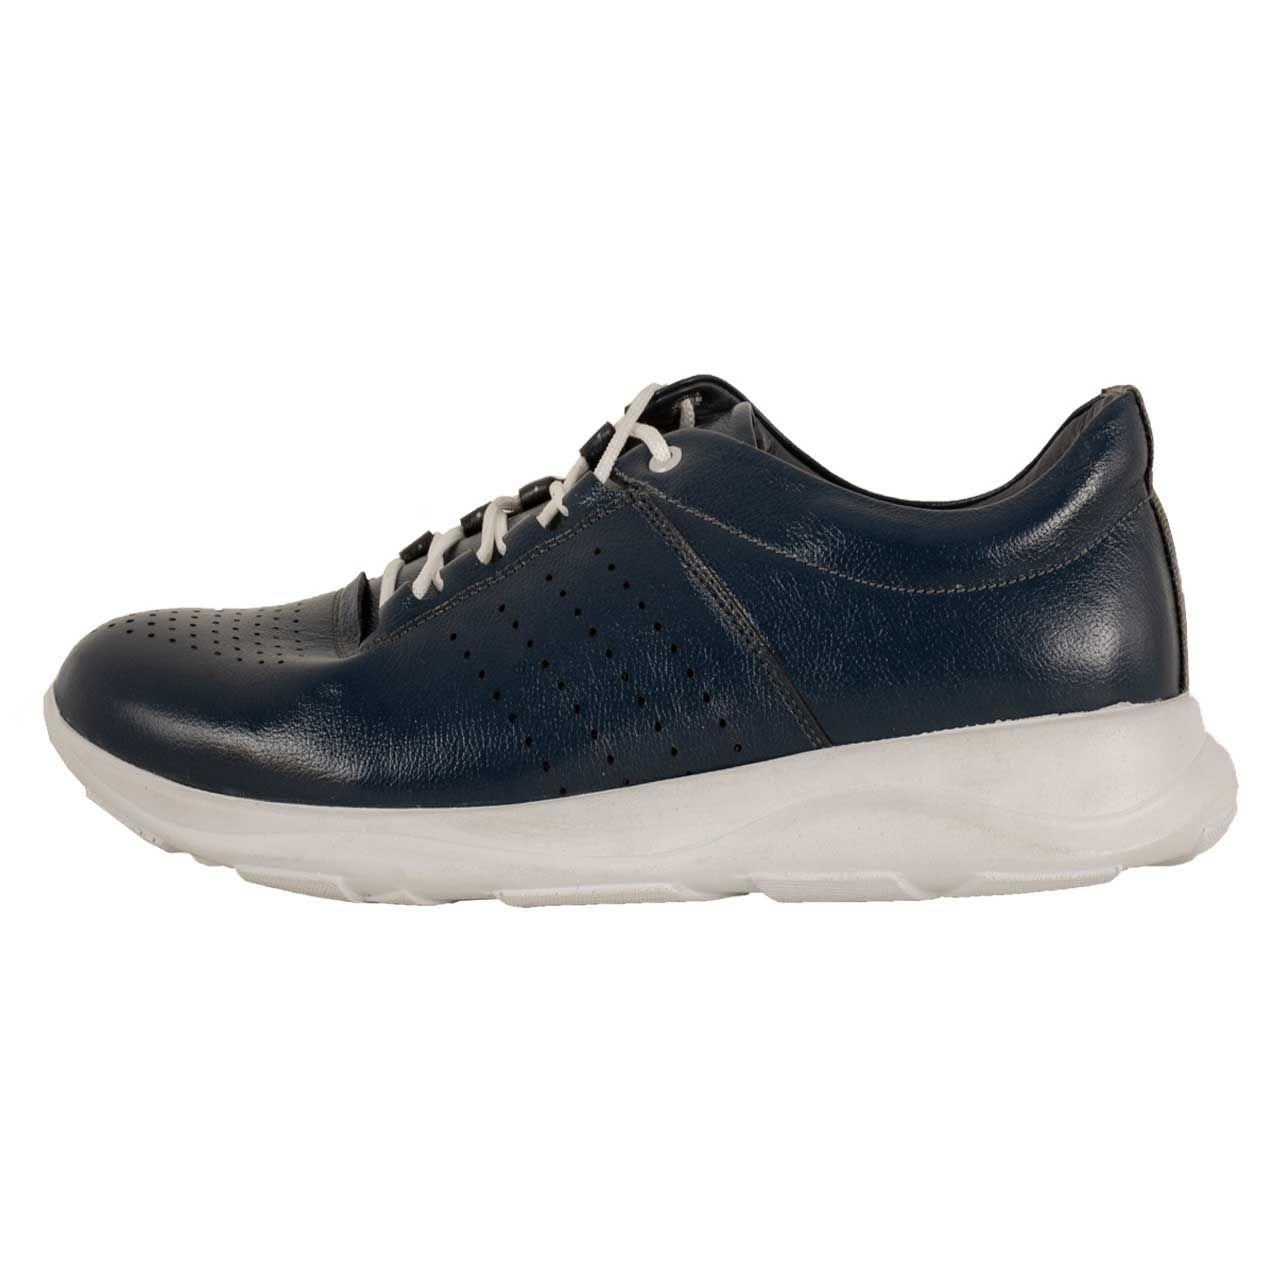 کفش روزمره مردانه پارینه چرم مدل SHO176-11 -  - 2